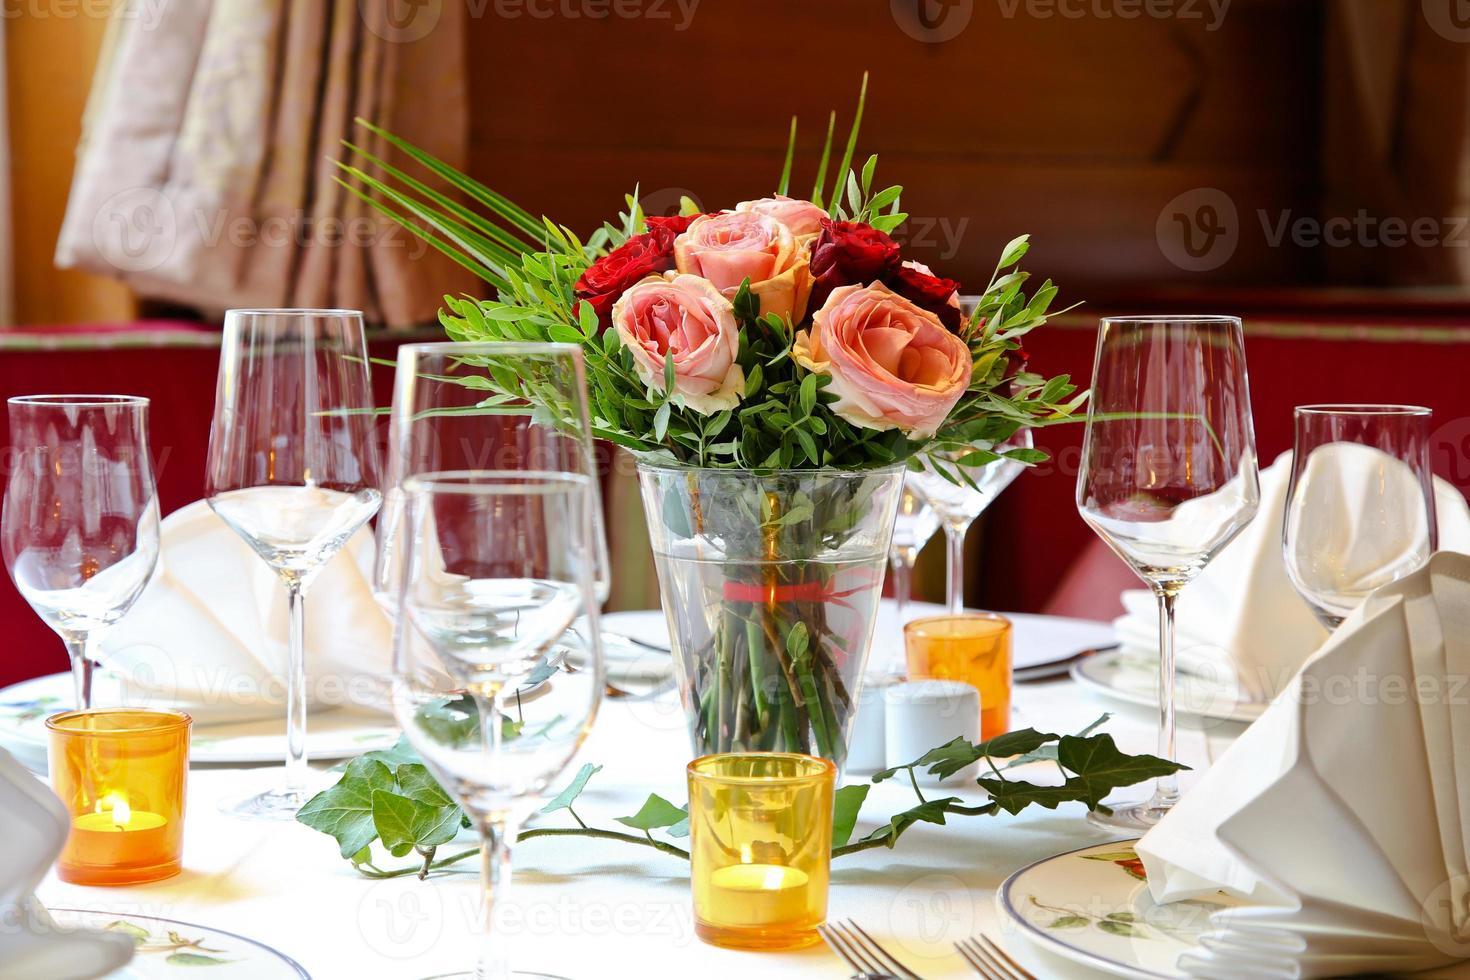 restaurante con bonita flor foto